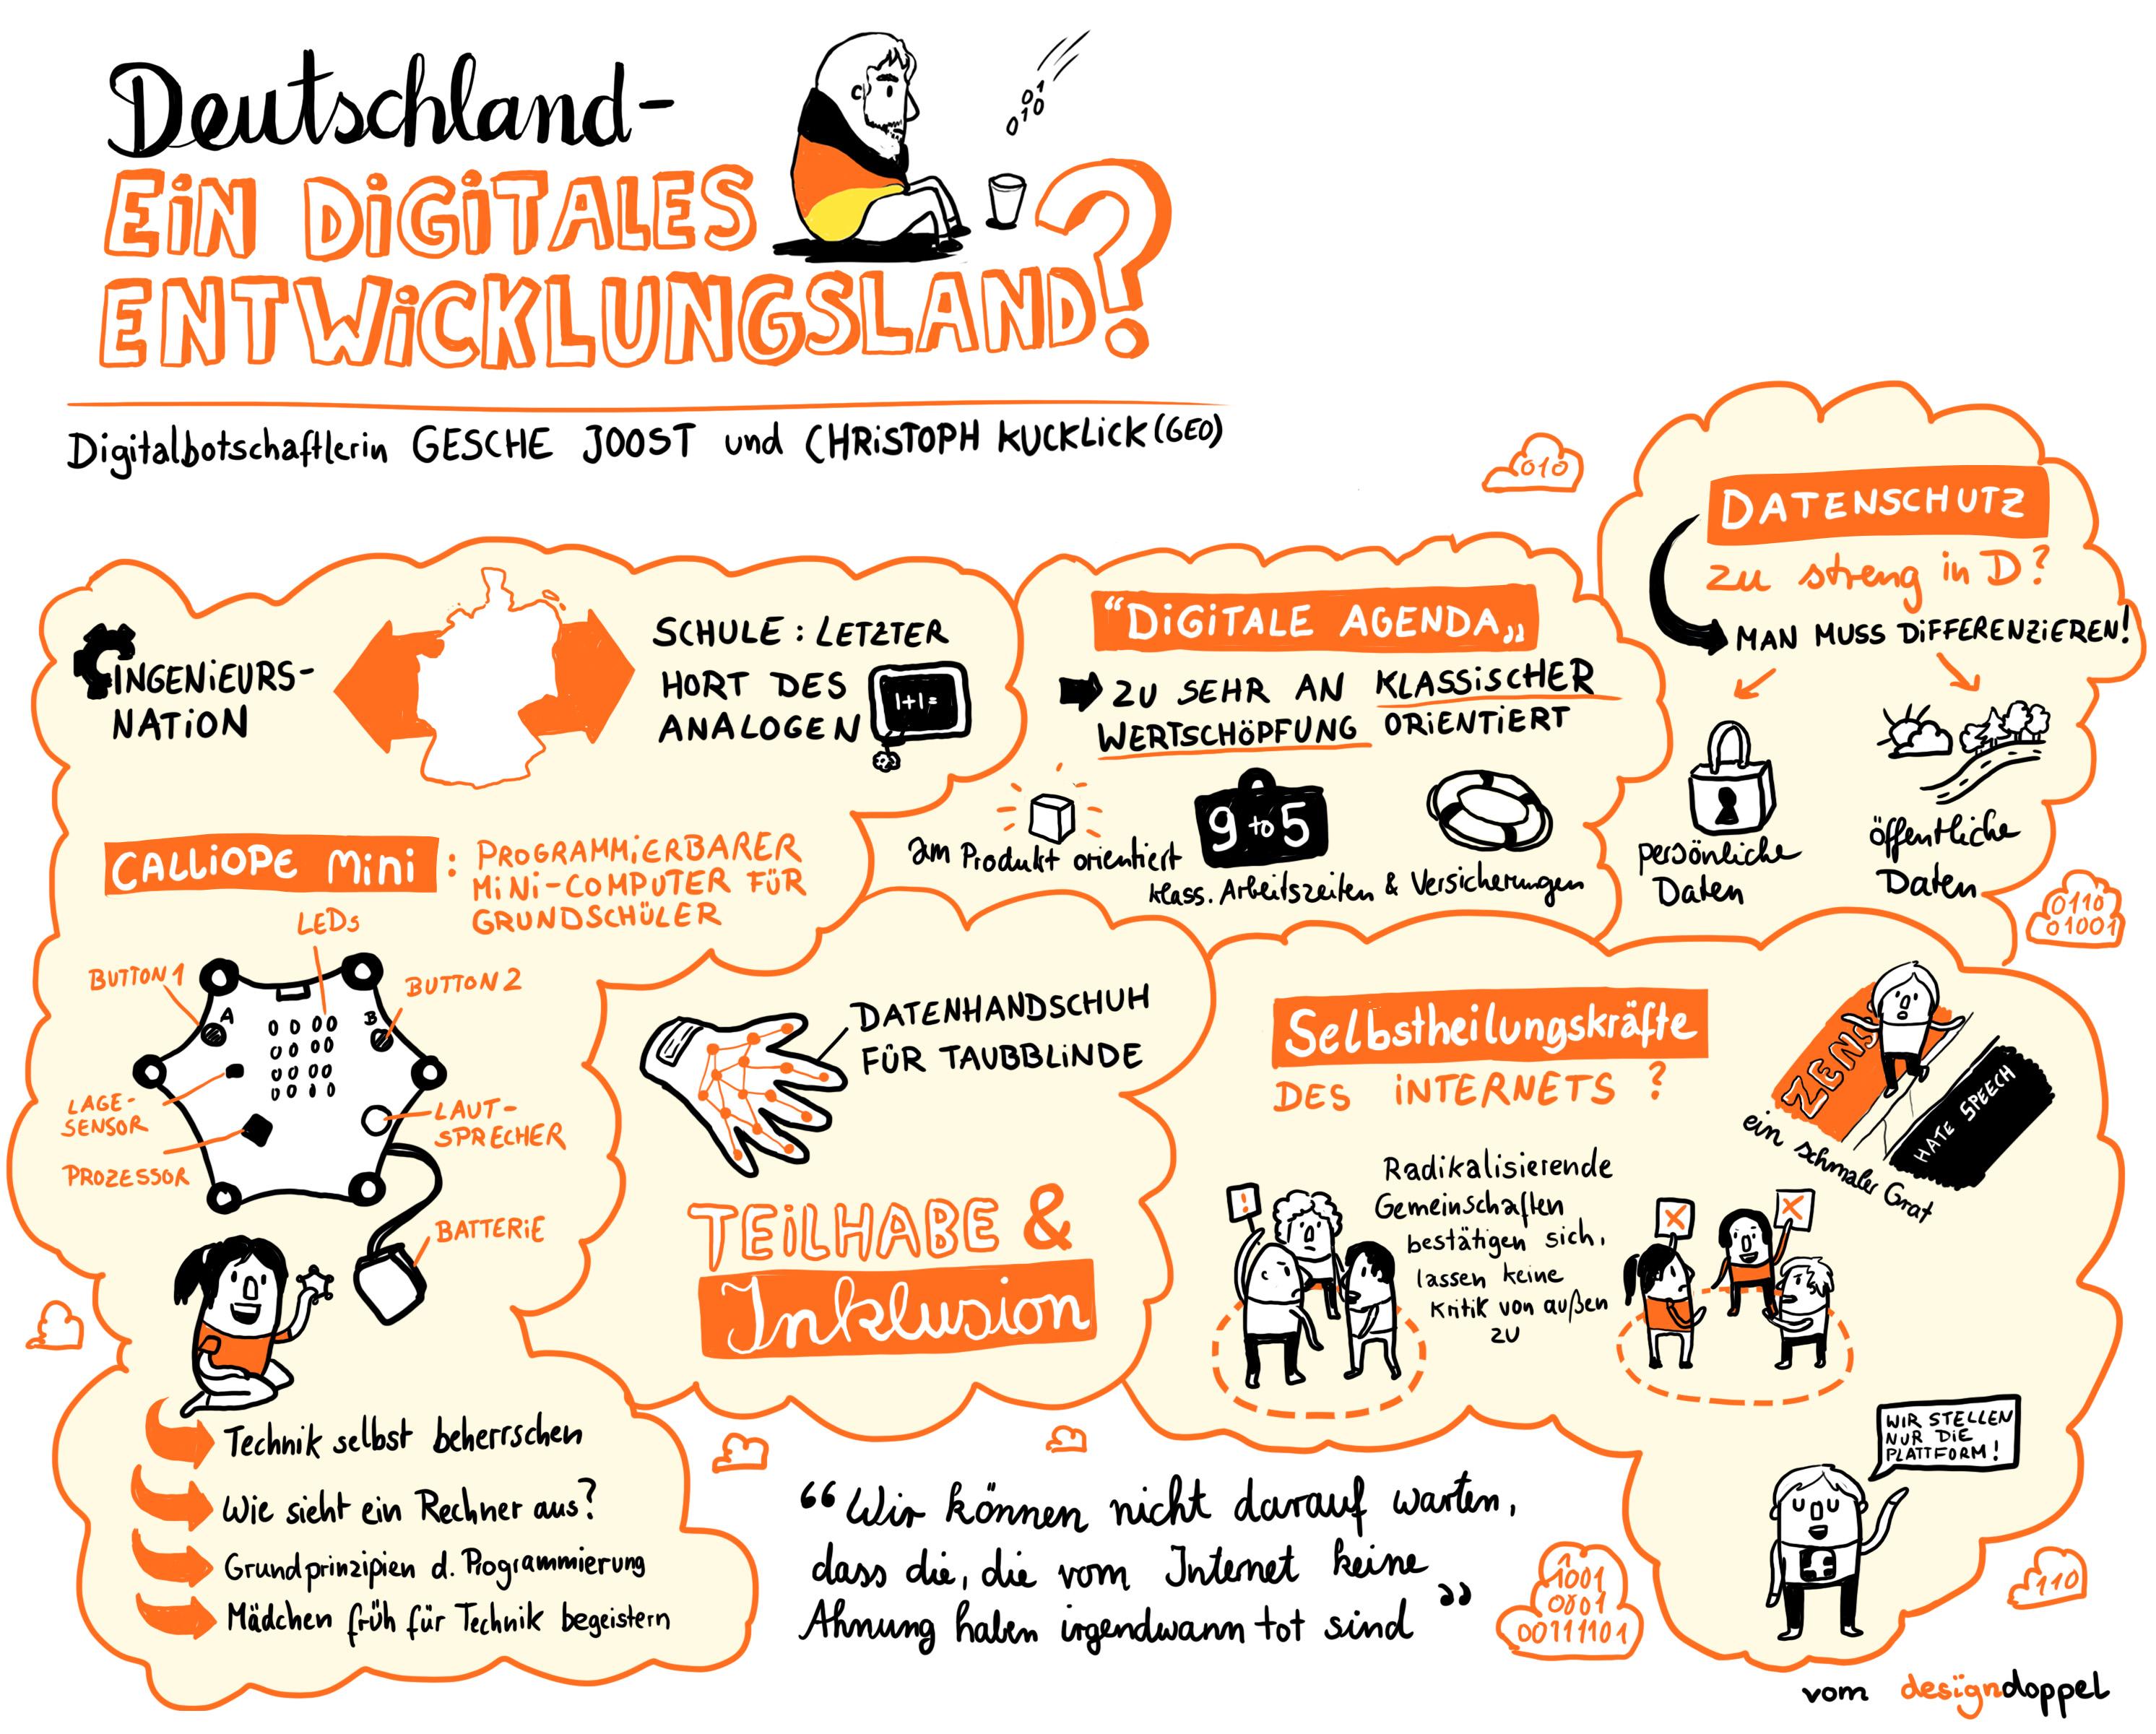 Graphic Recording digital Deutschland digitales Entwicklungsland